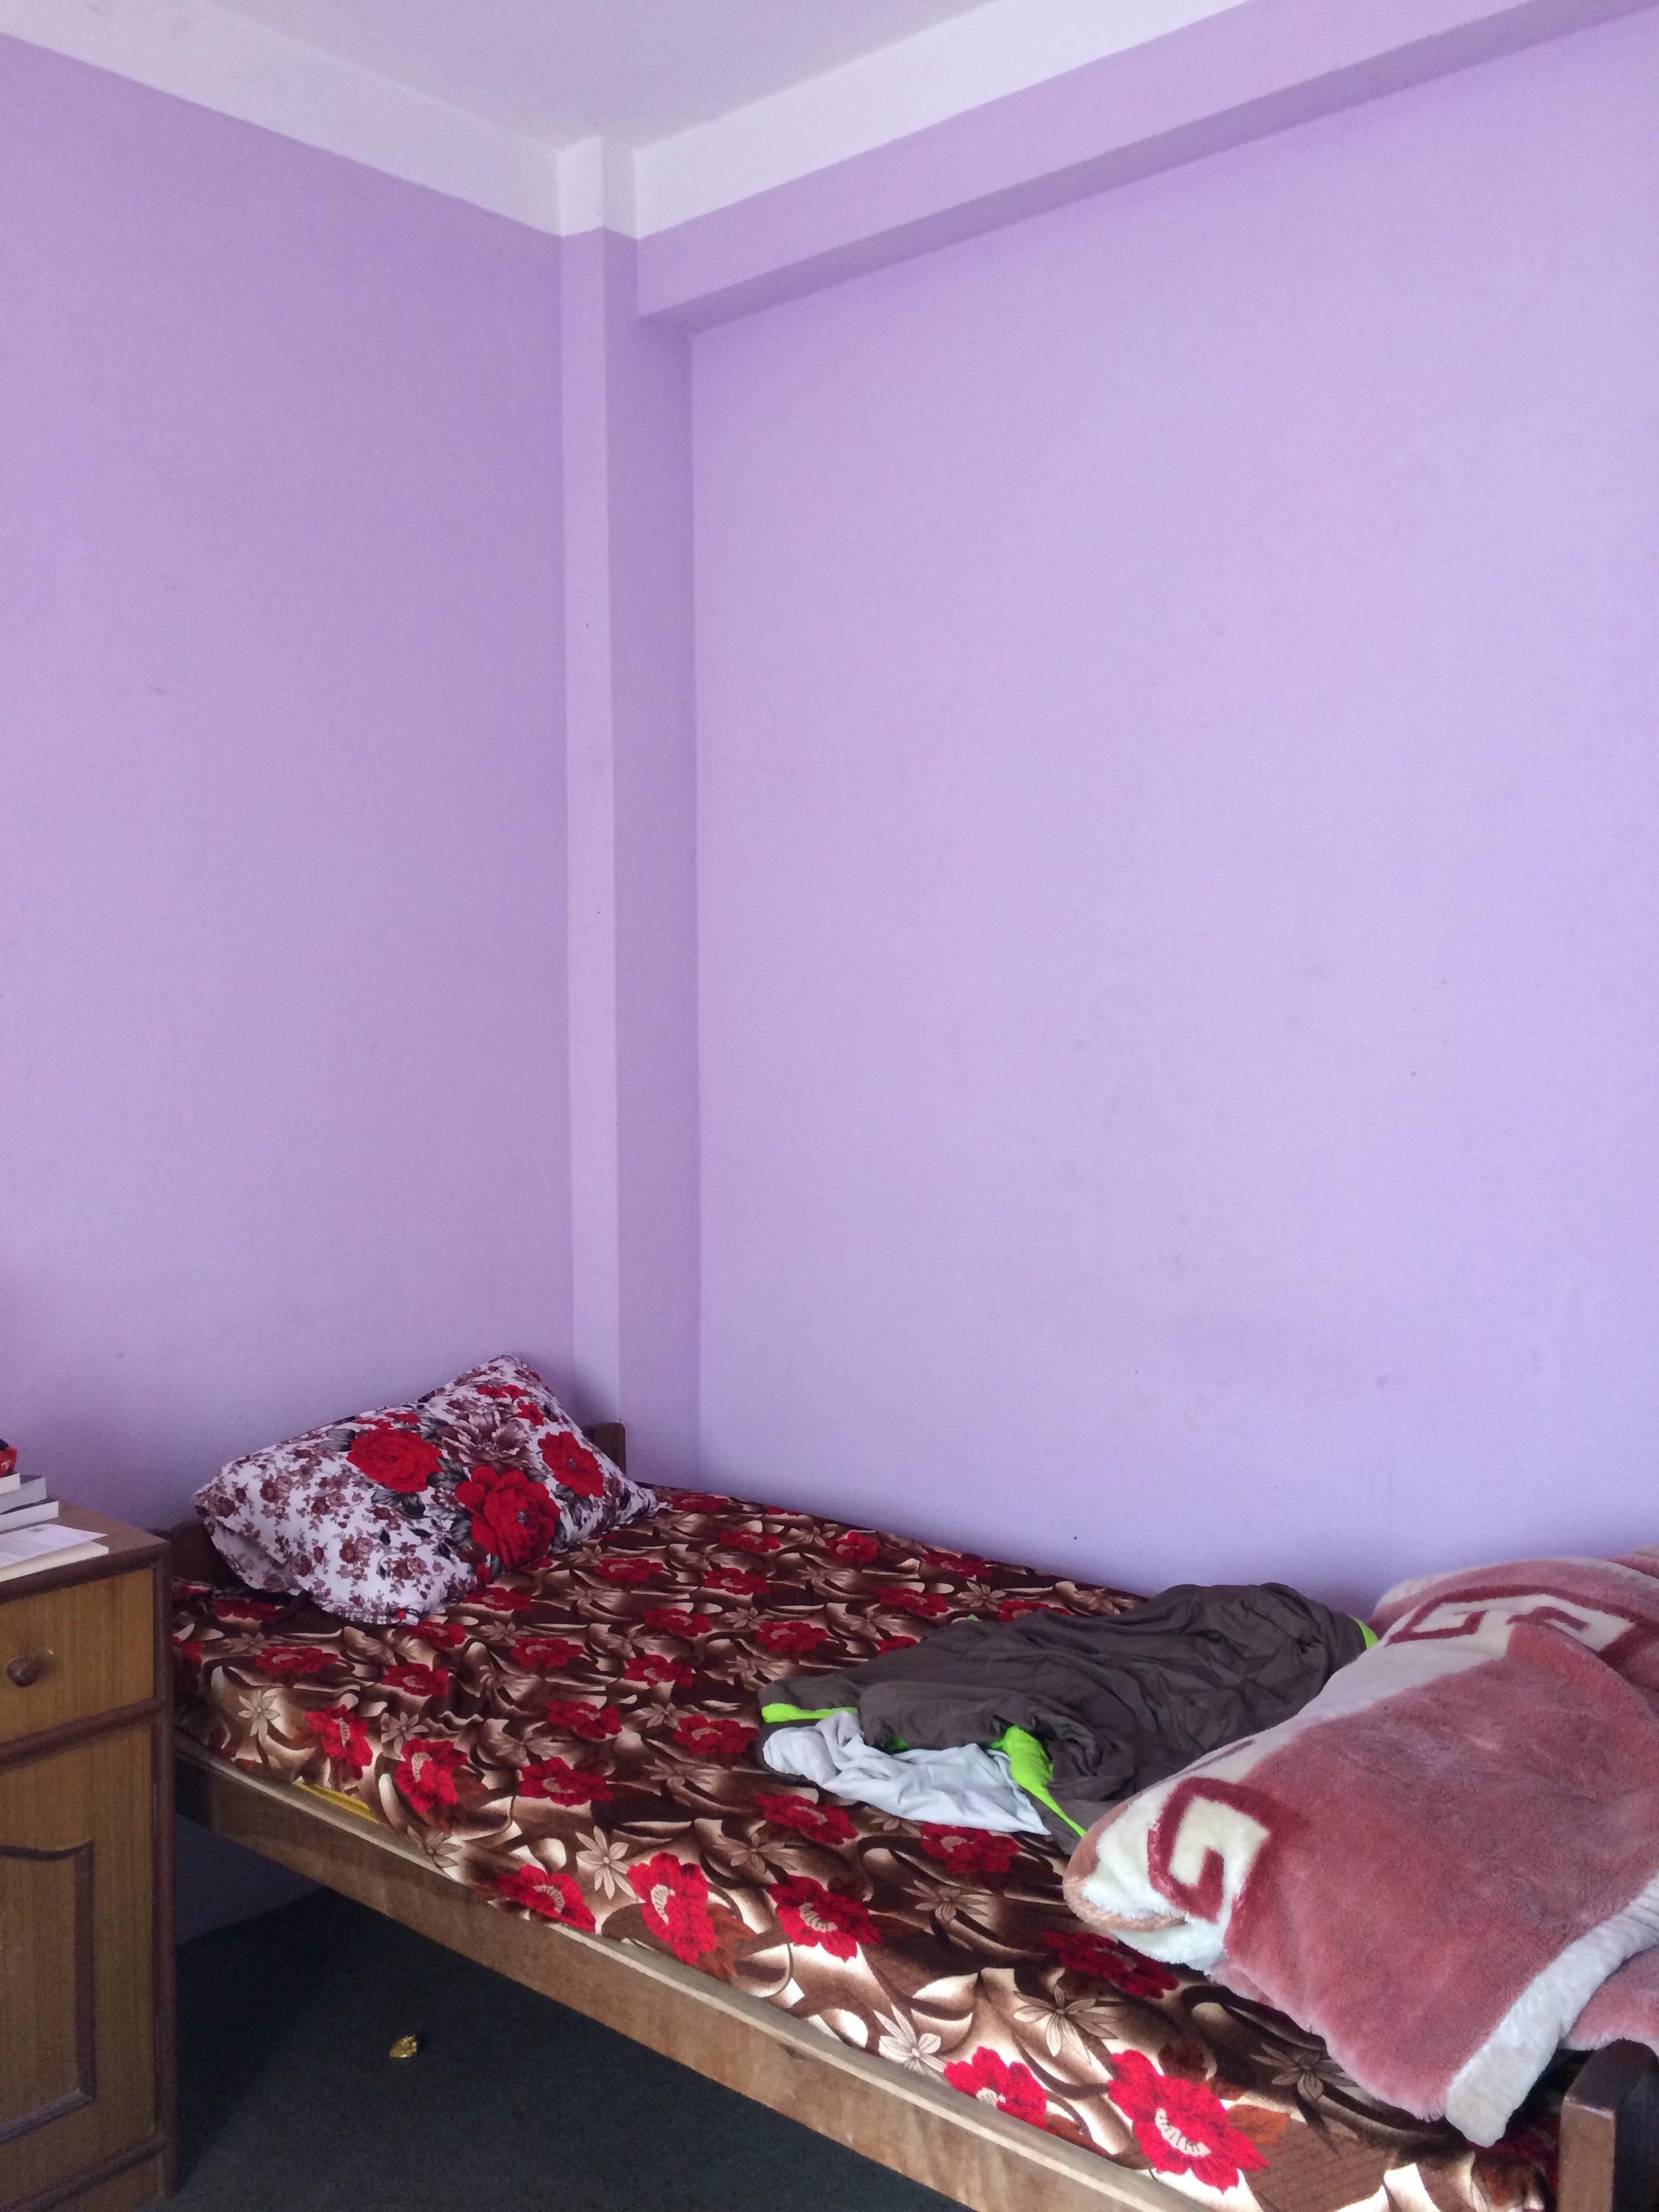 Les Couleurs Des Chambres 2018 ma chambre avec des murs couleur lavande – le blog de pierre